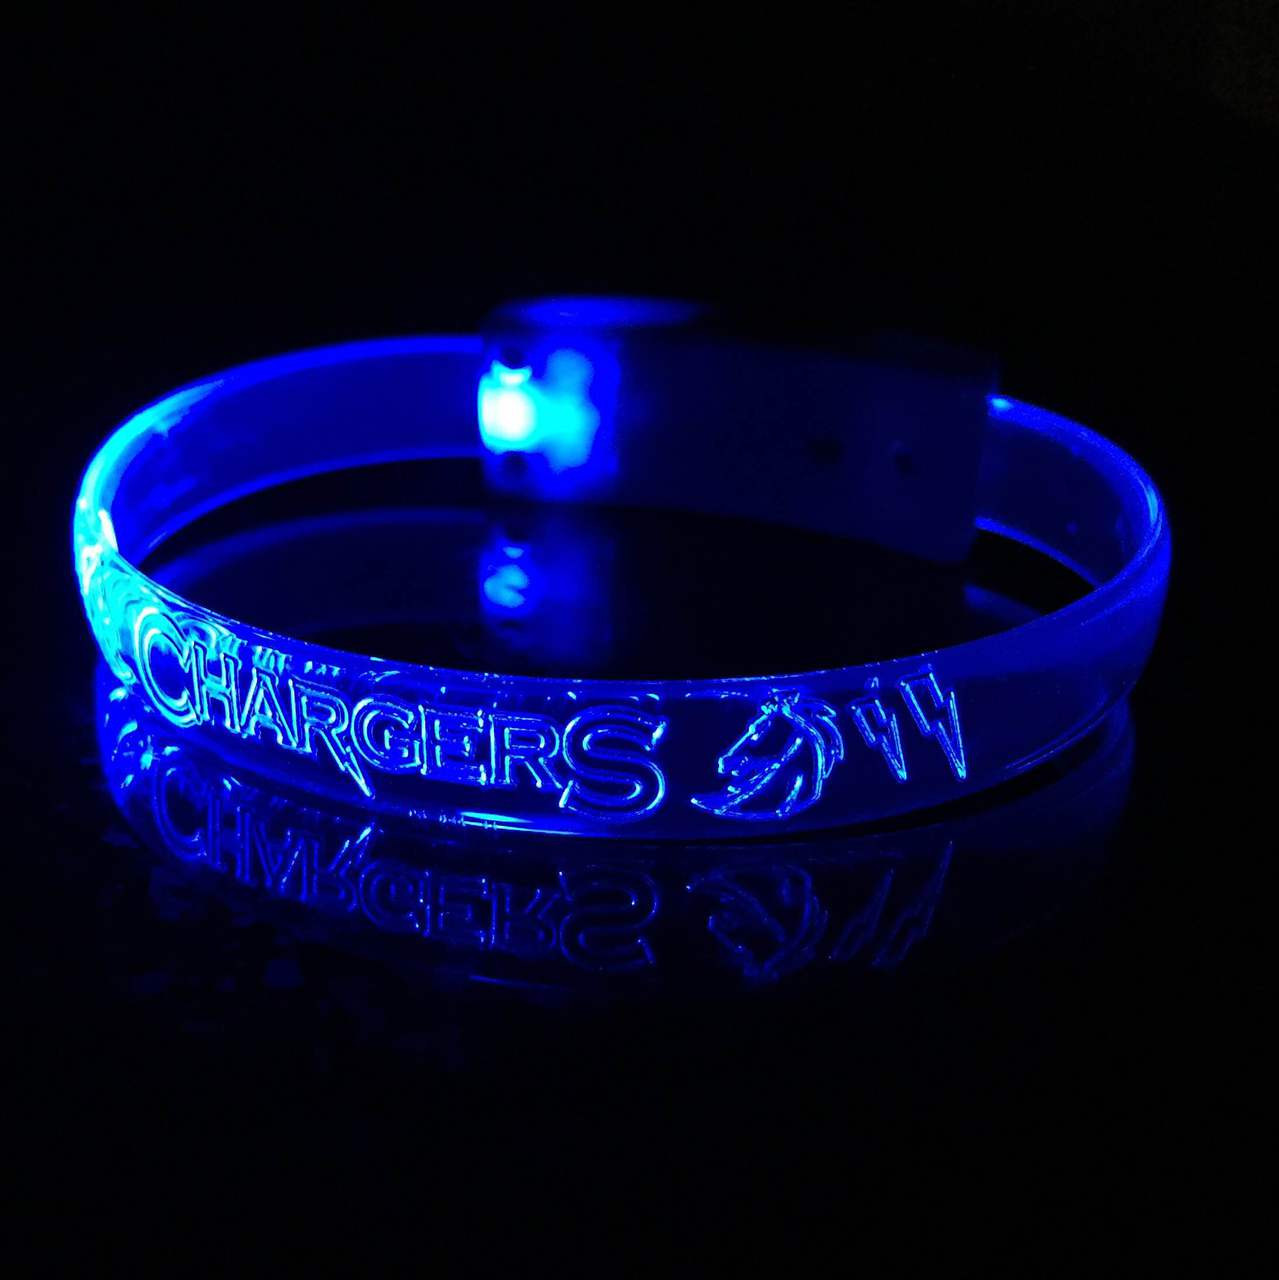 Blue,LED,Custom,Engraved,Branded,Personalized, Bulk, LED, Wristband, LED wristband, Bracelet, Glow,Neon, UV, LED Bands, wrist band,wristband, illuminated, light up, wholesale, School, wedding, nightclub, promo, merch,